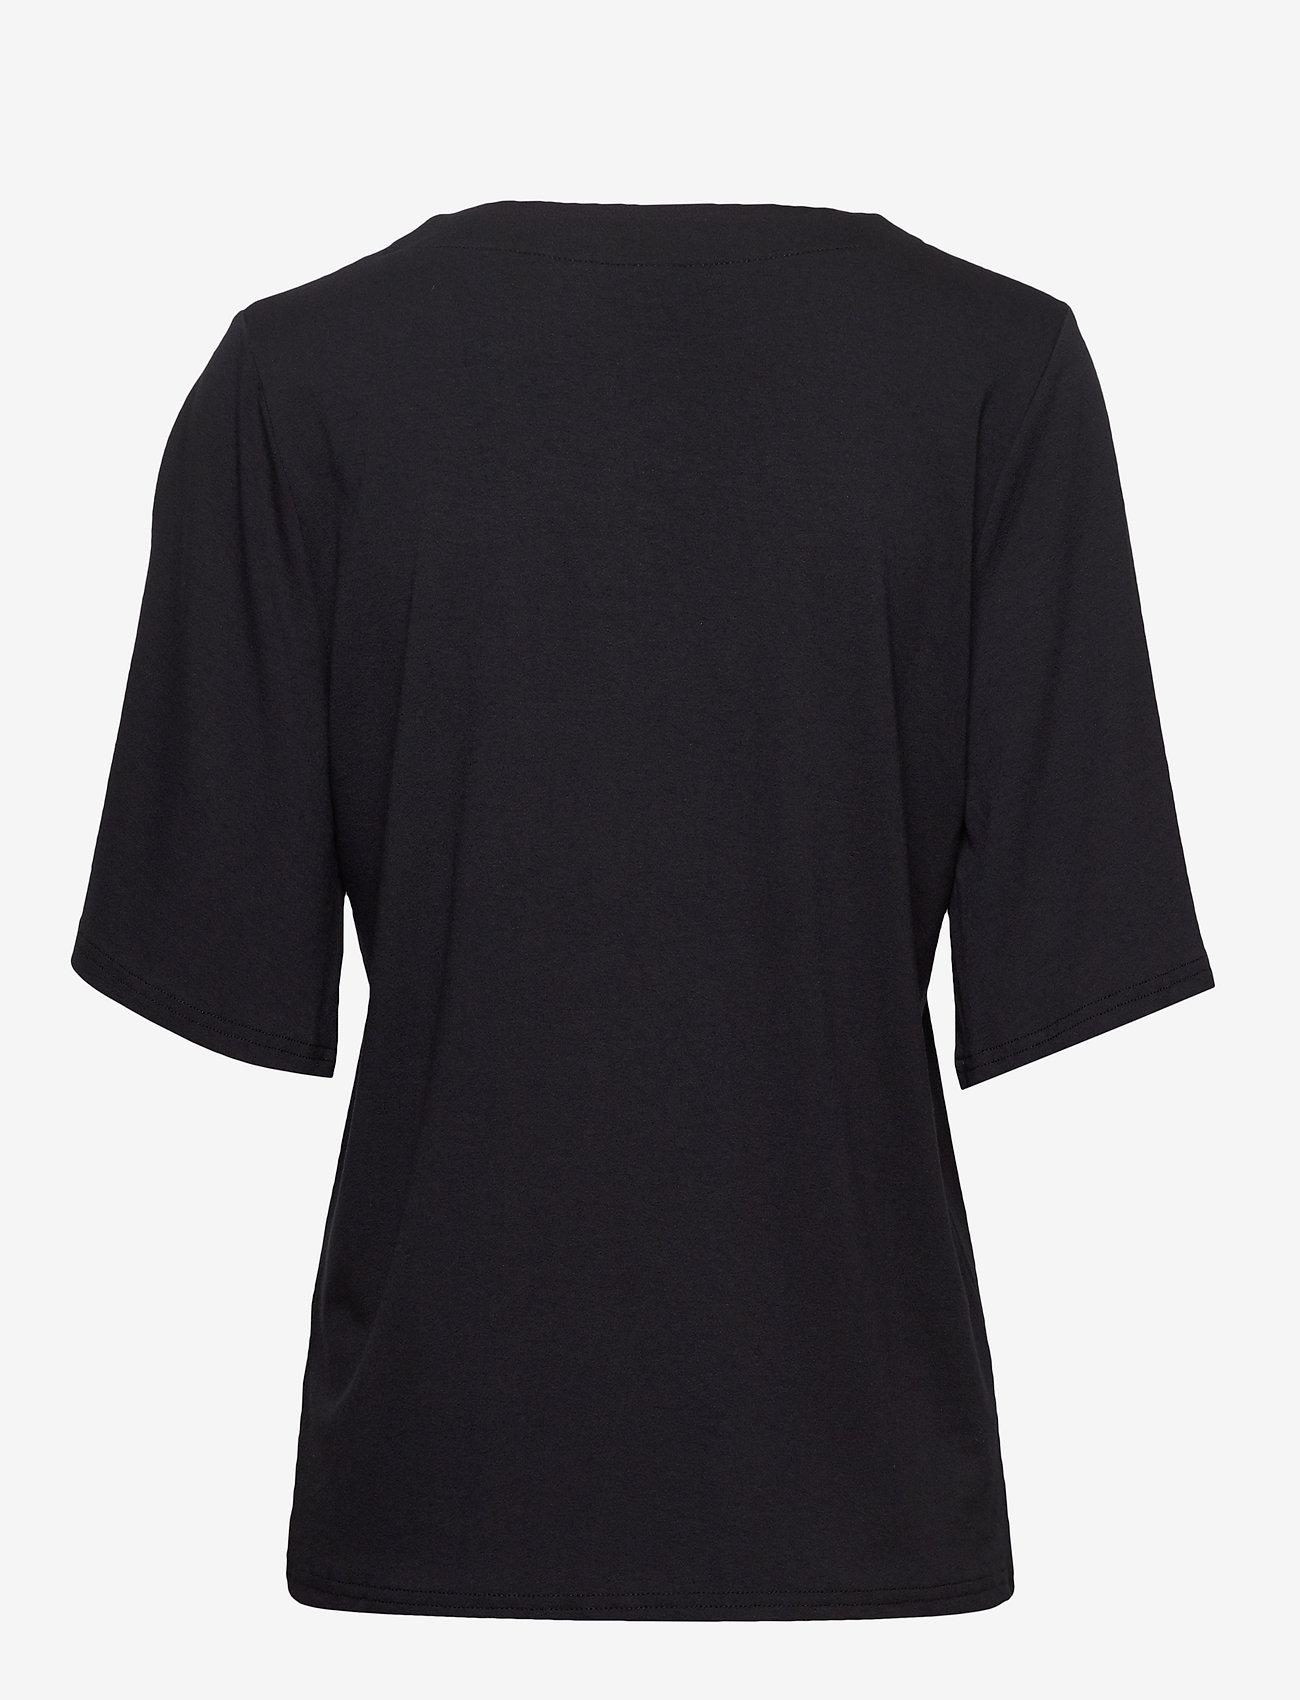 Nanso - Ladies blouse, Aava - t-shirts - black - 1